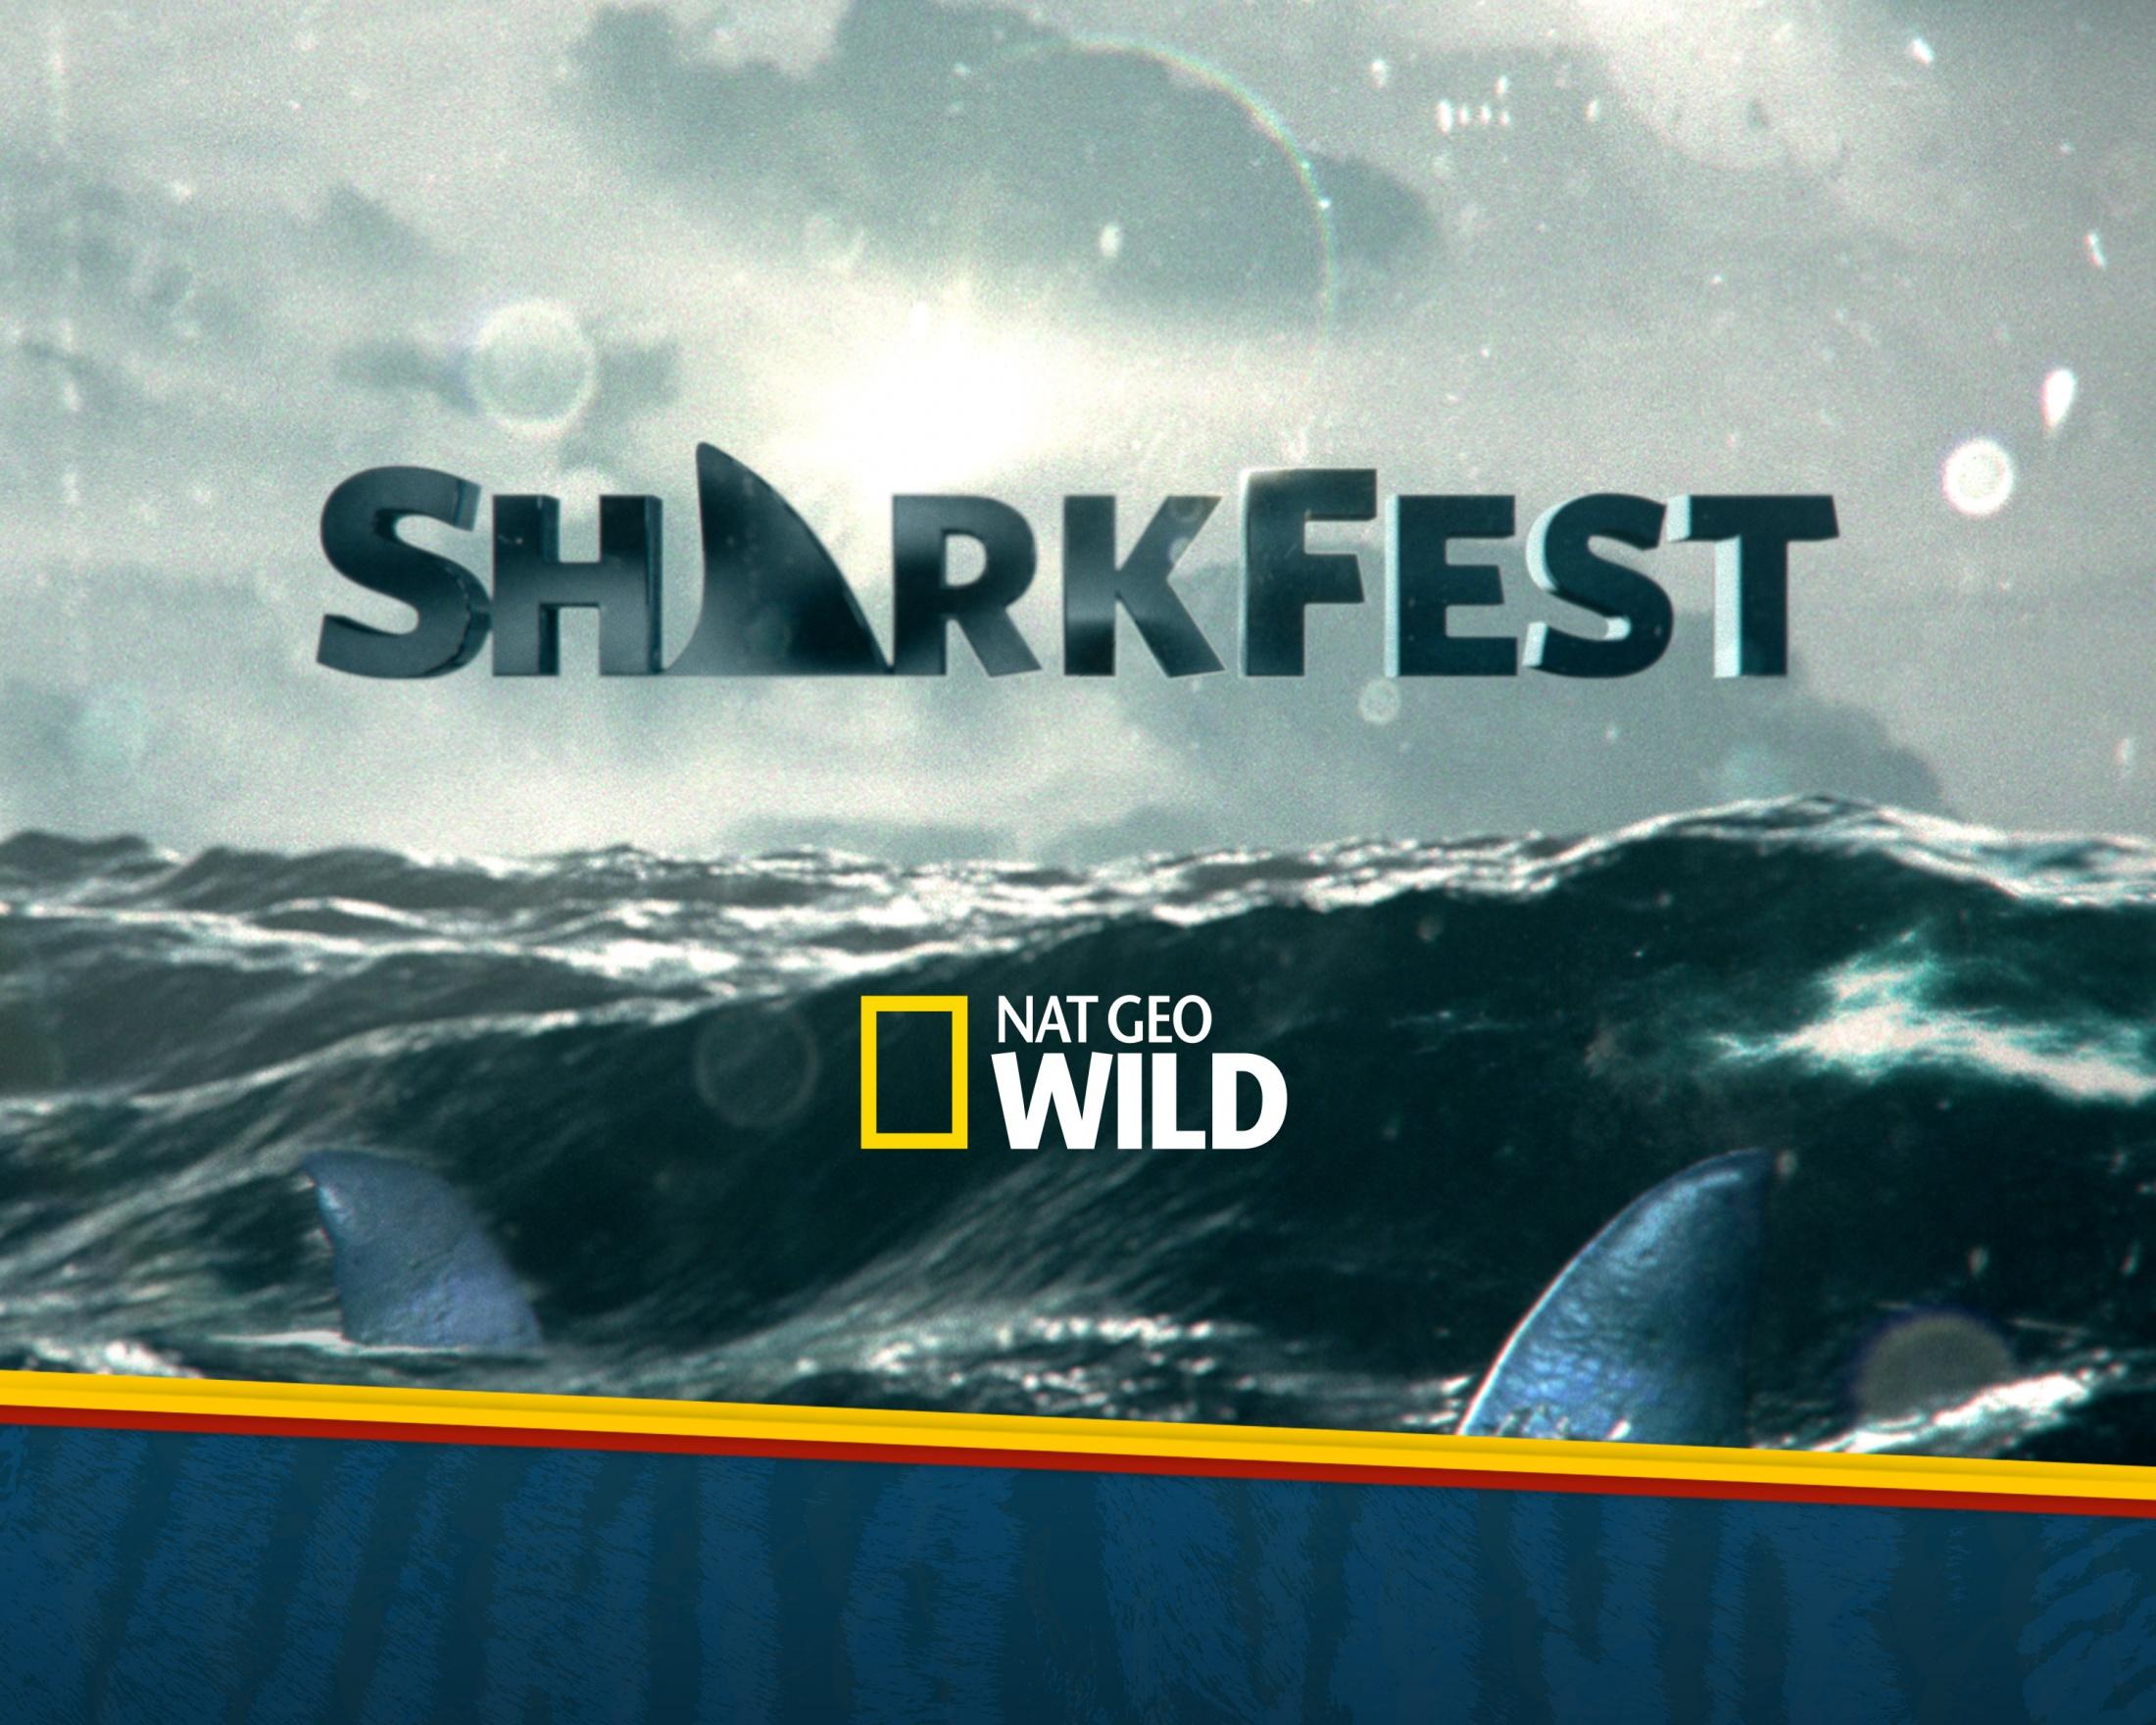 Thumbnail for Sharkfest 2017